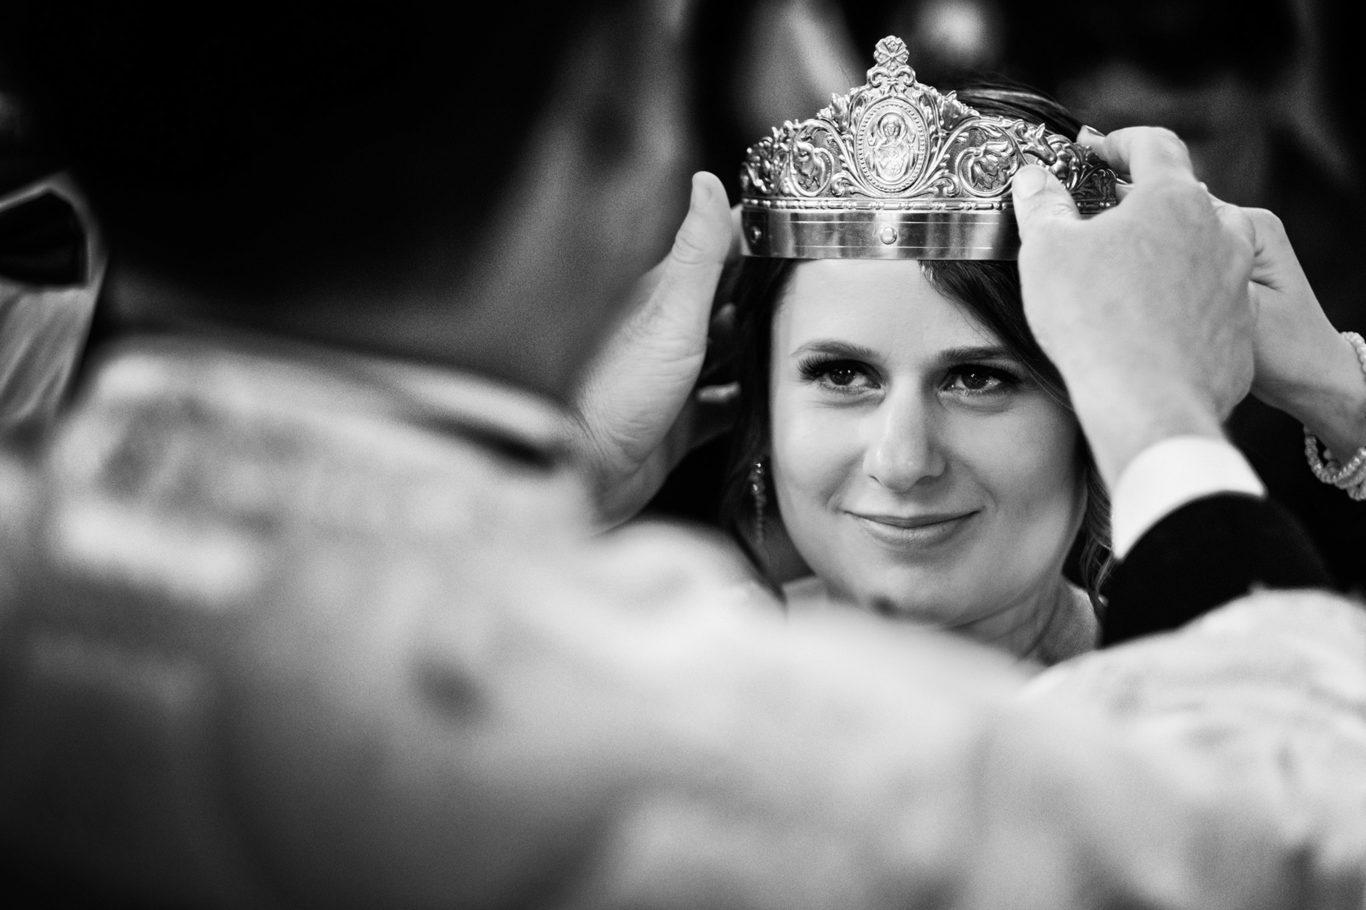 0105-Fotografie-nunta-Flory-Cristi-fotograf-Ciprian-Dumitrescu-DSCF7674